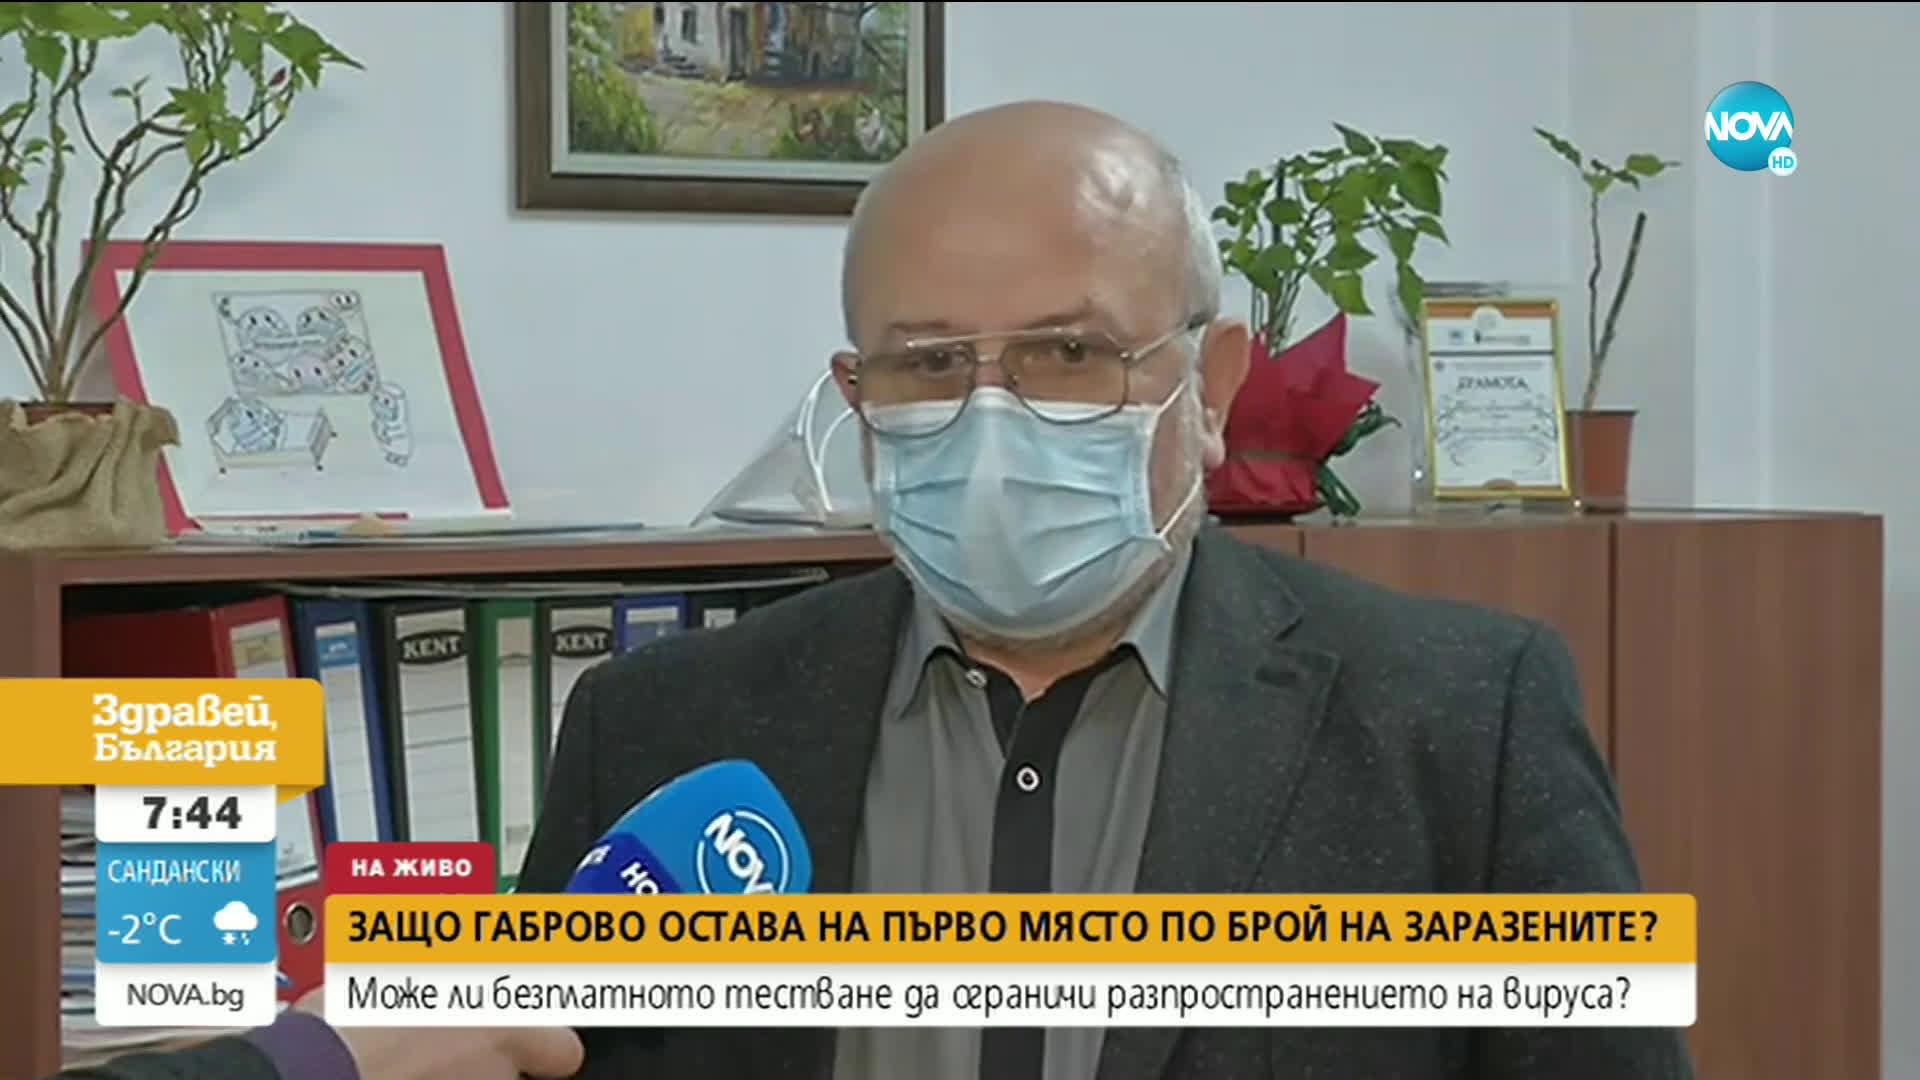 Защо Габрово остава на първо място по брой на заразените с COVID-19